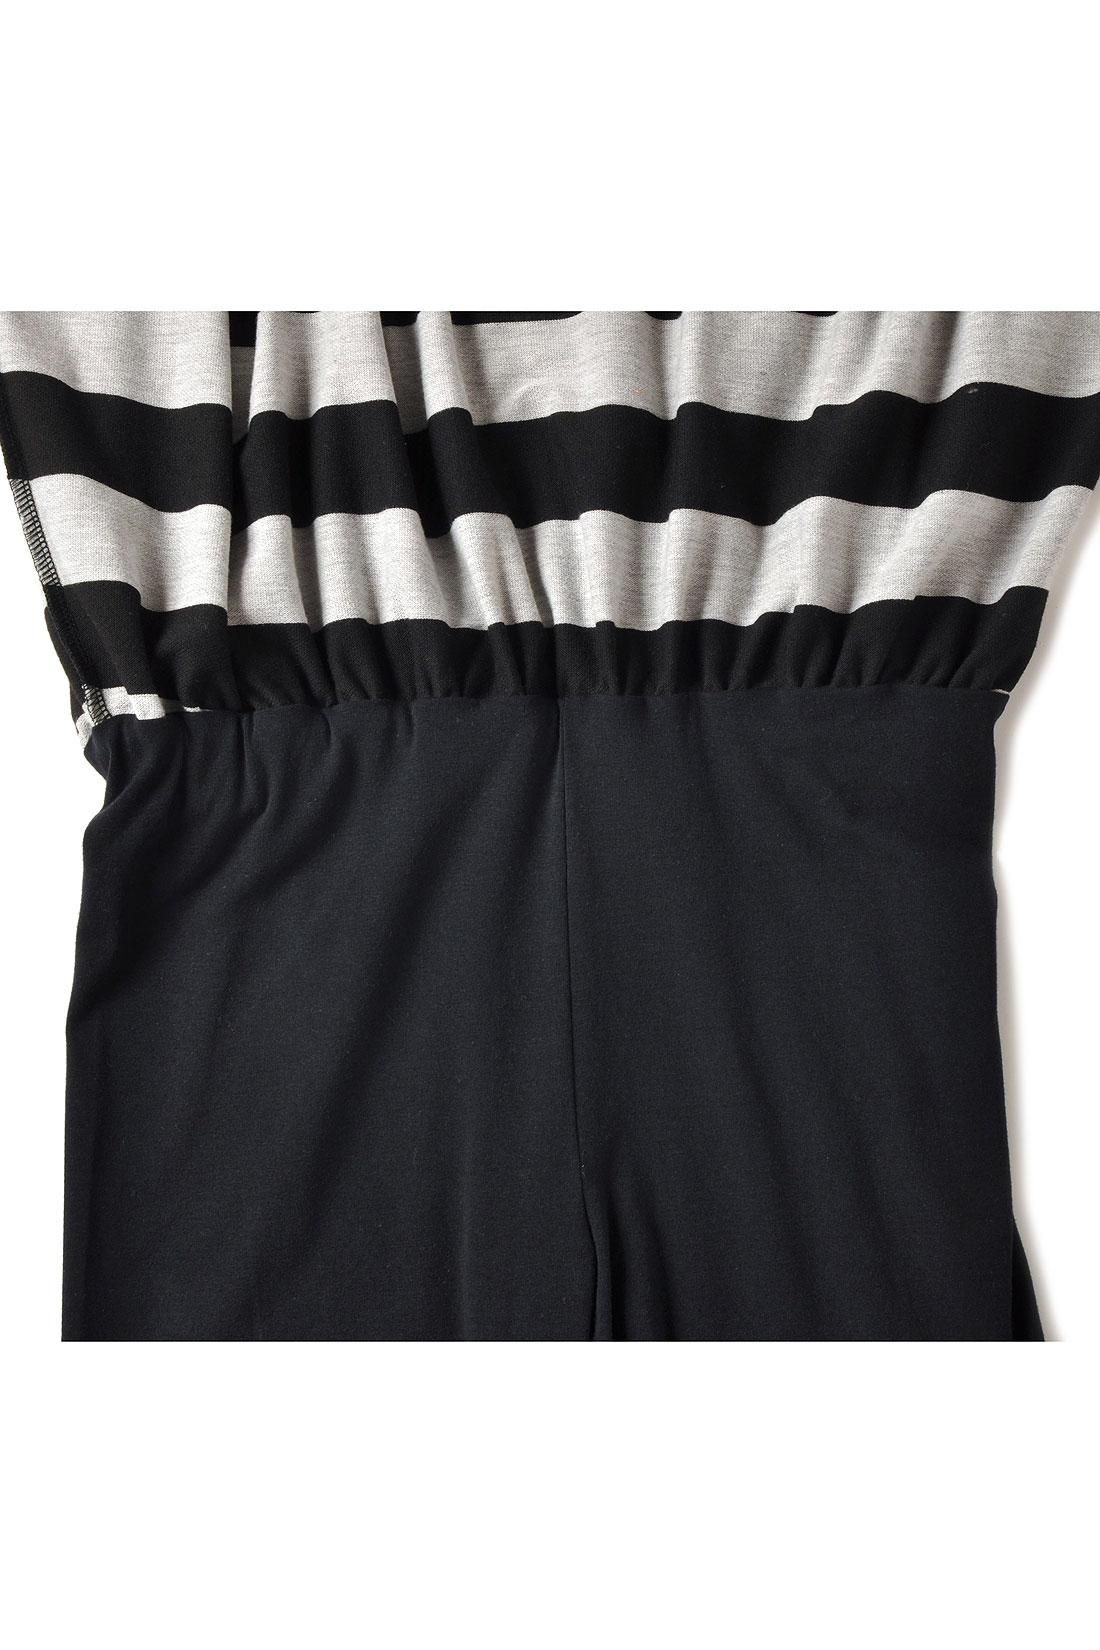 ウエストのところでスカートとスパッツがくっついた、らくちん仕様になっています。